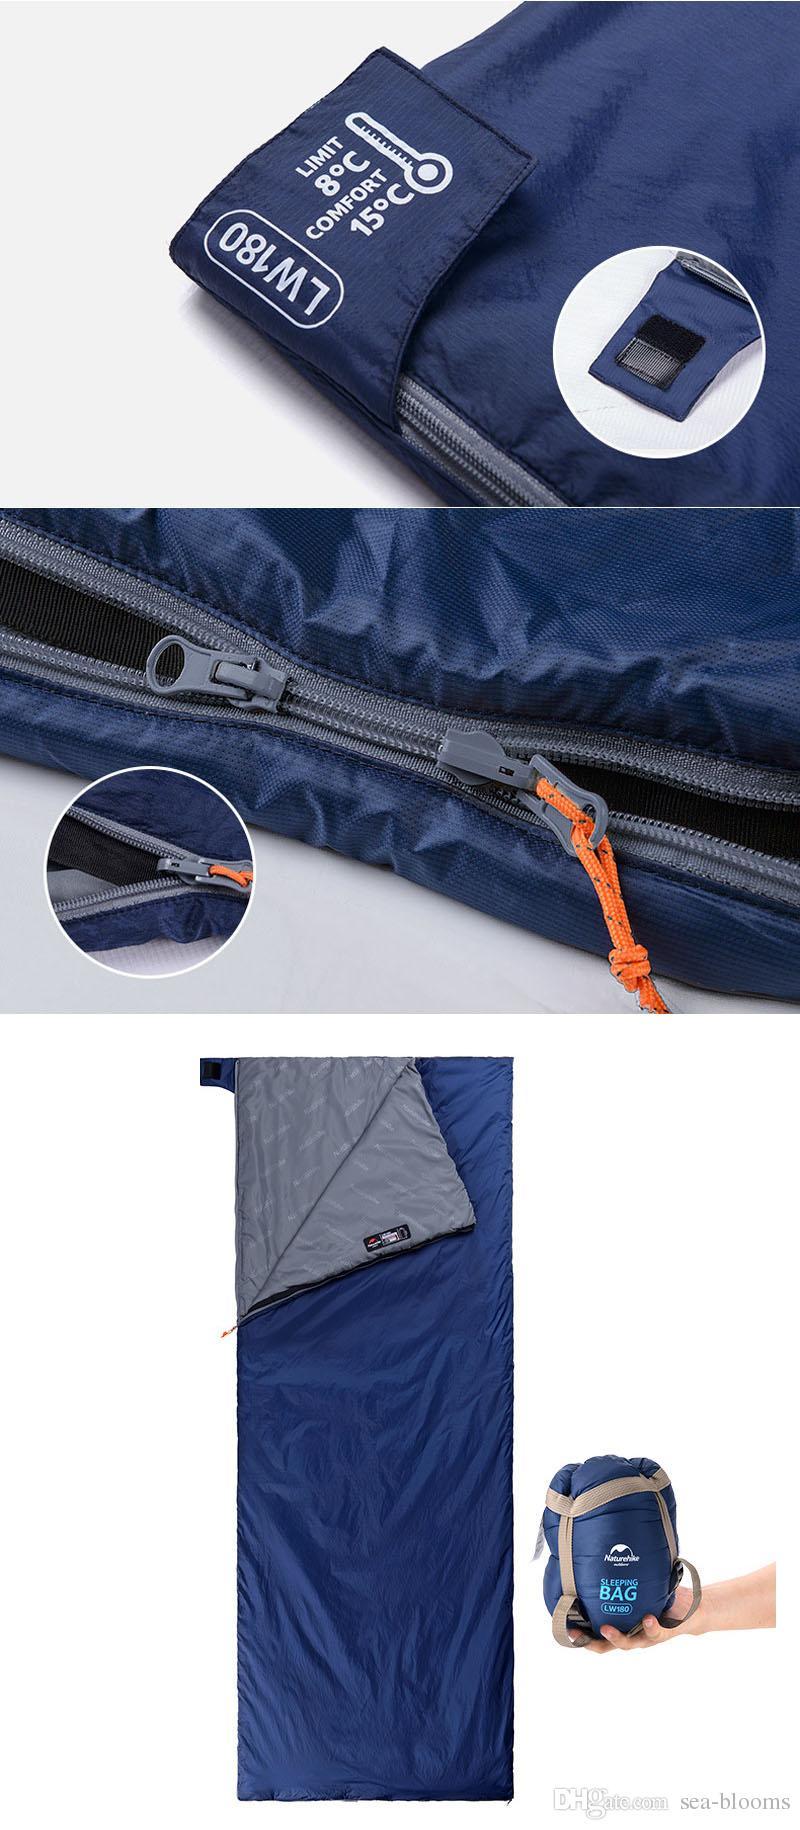 Mini Zarf Tasarım Uyku Tulumu 3 Mevsim Seyahat için Ideal Sırt Çantası Kamp Yürüyüş ve Diğer Açık Hava Etkinlikleri Gibi H223Q